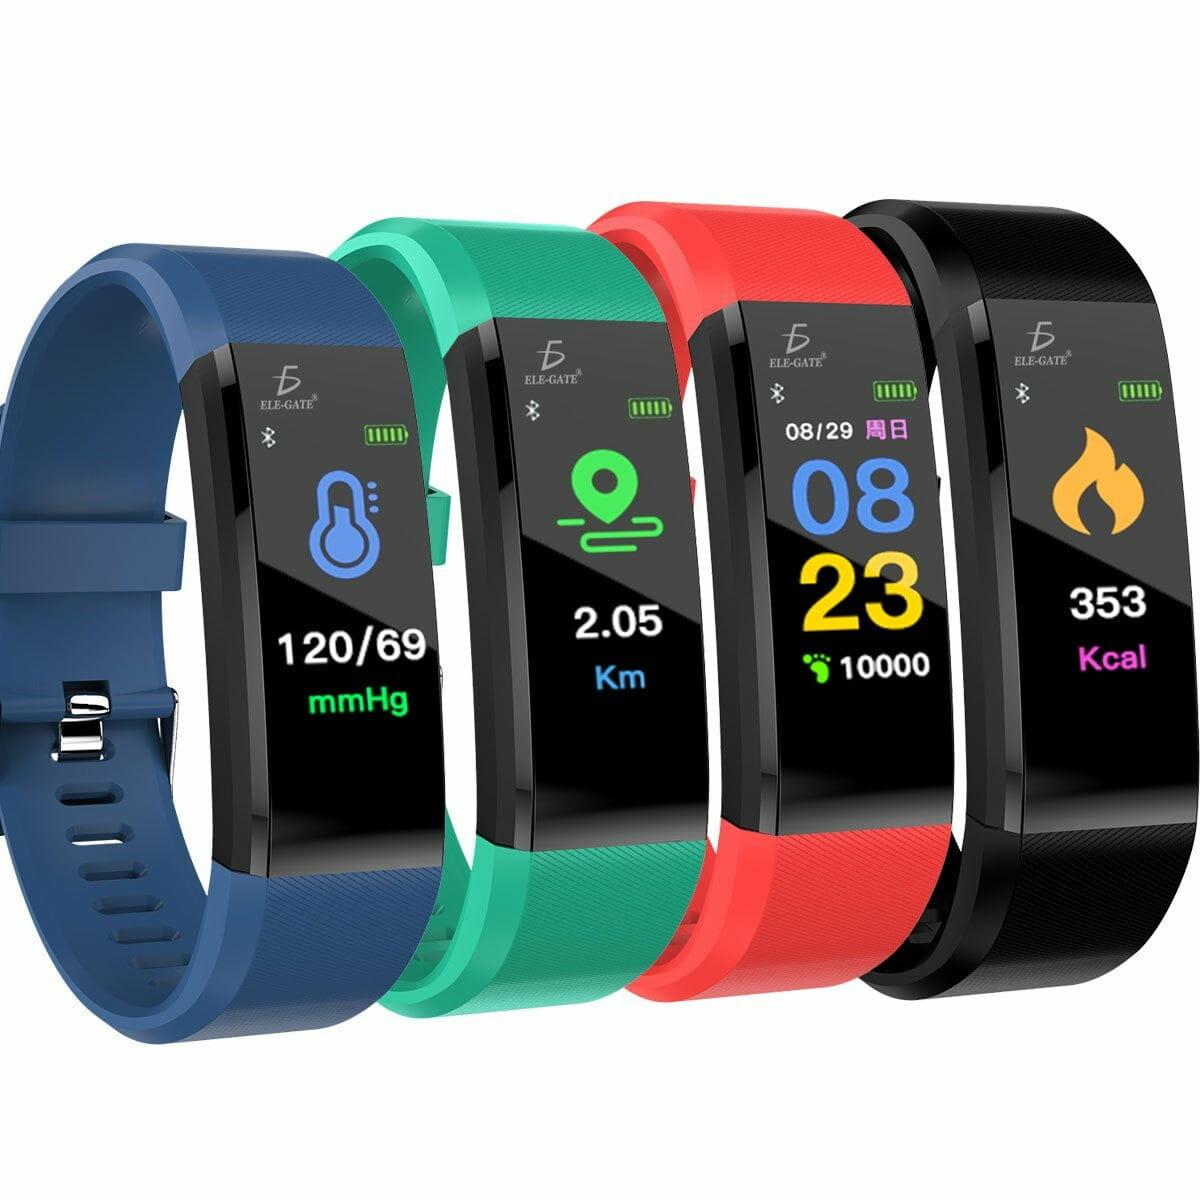 Smartwatch wchid115p